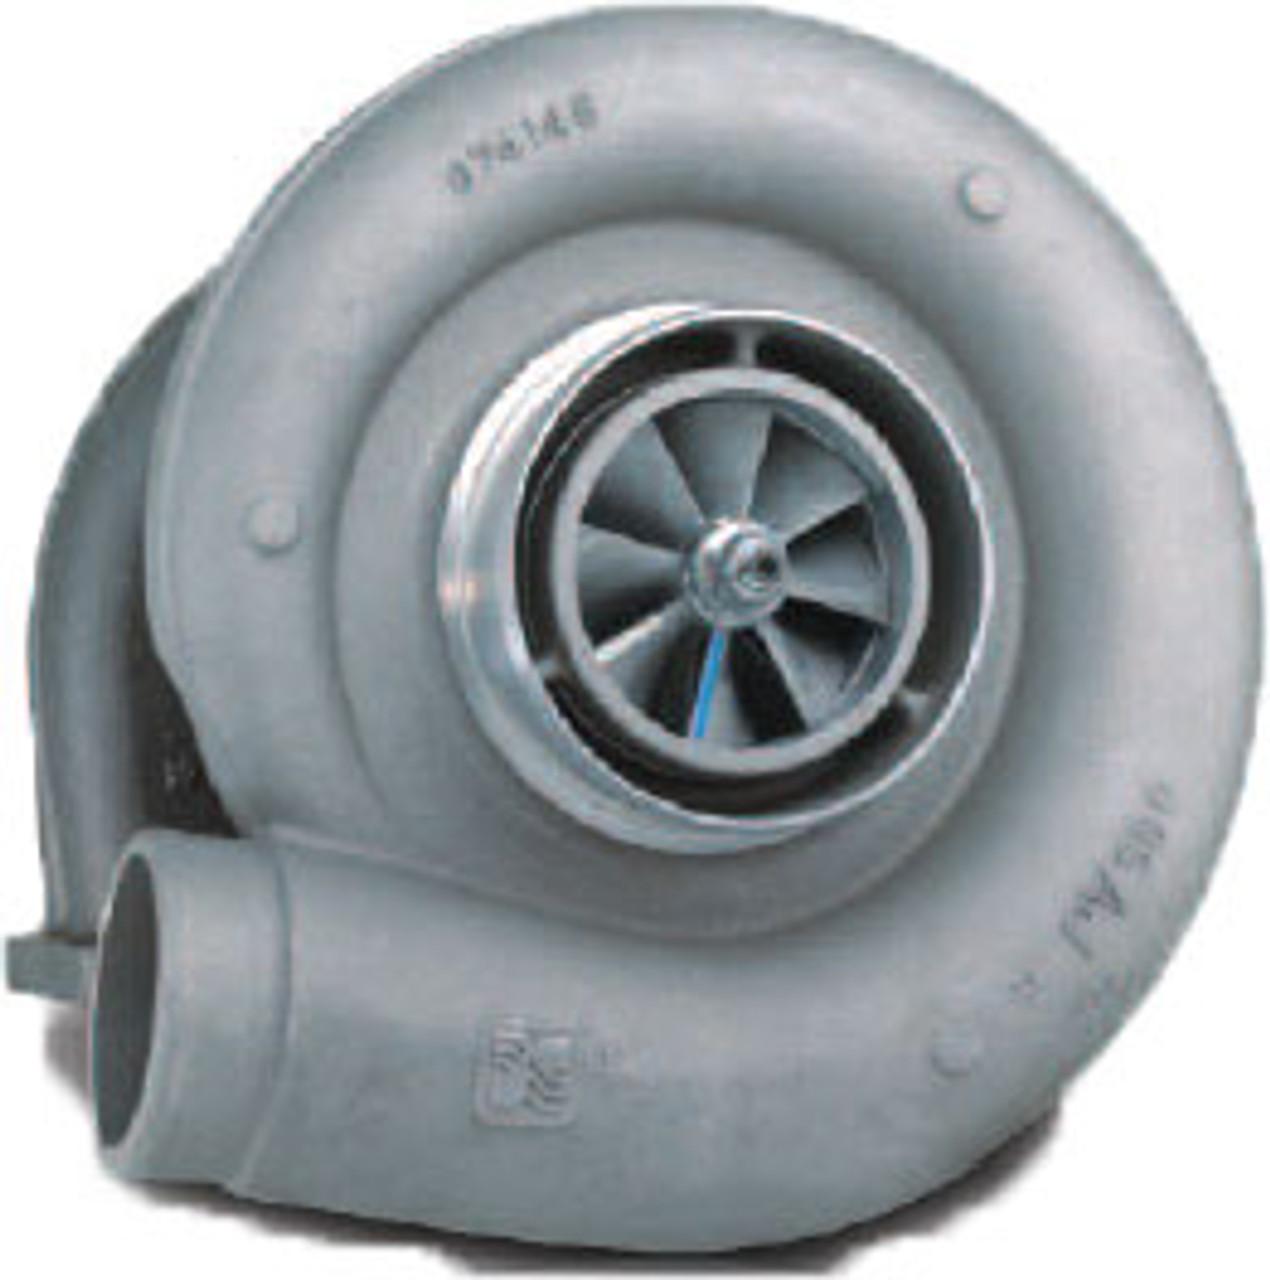 Borg Warner S510 Turbocharger